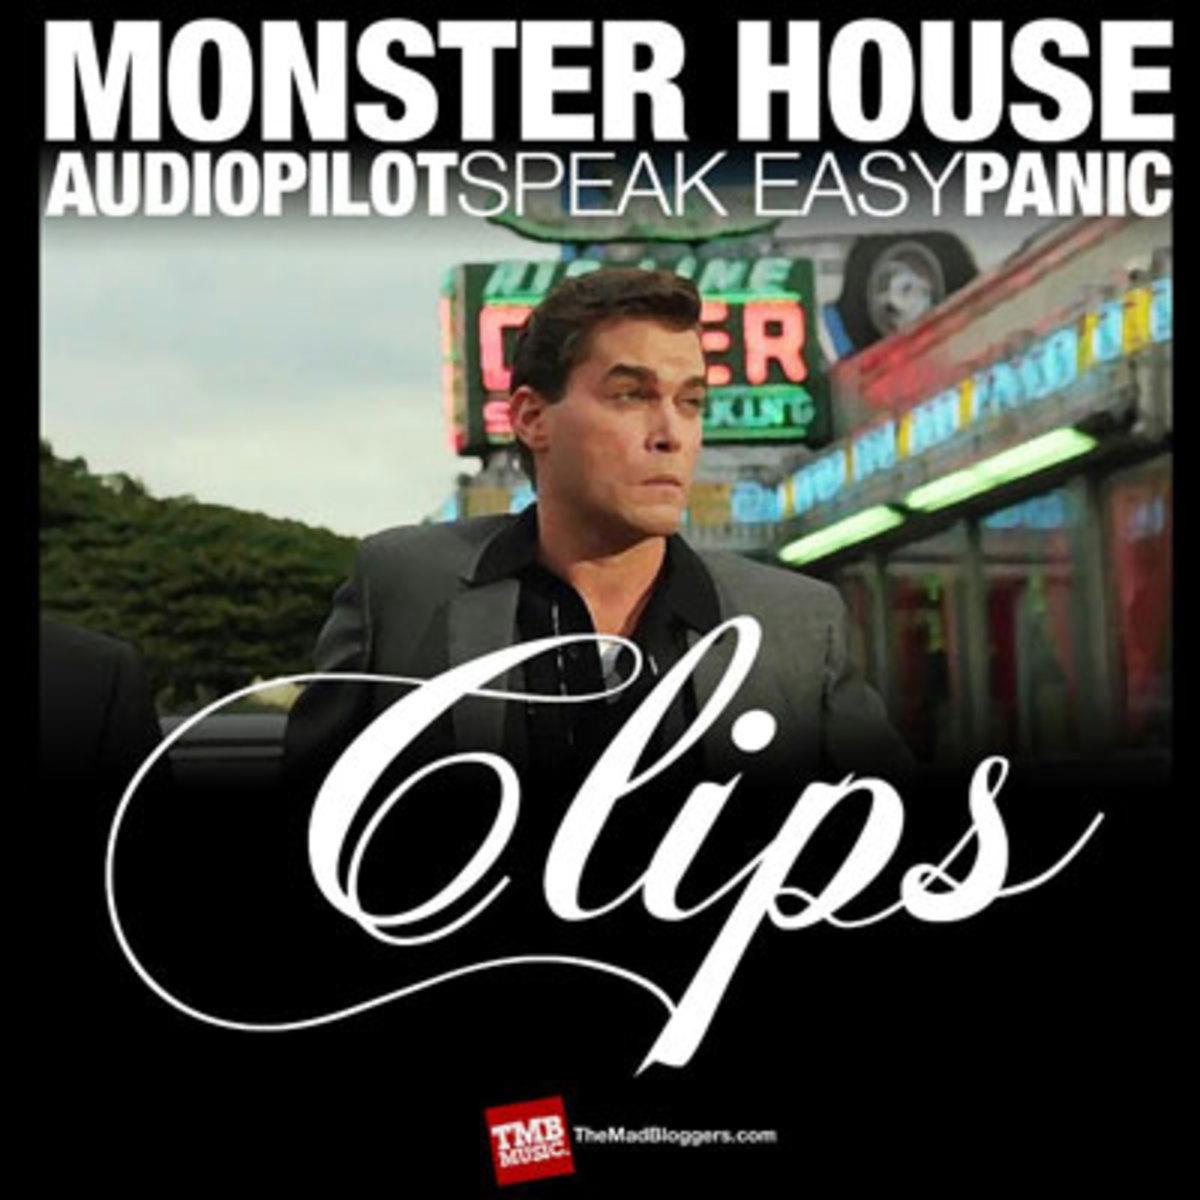 monsterhouse-clips.jpg